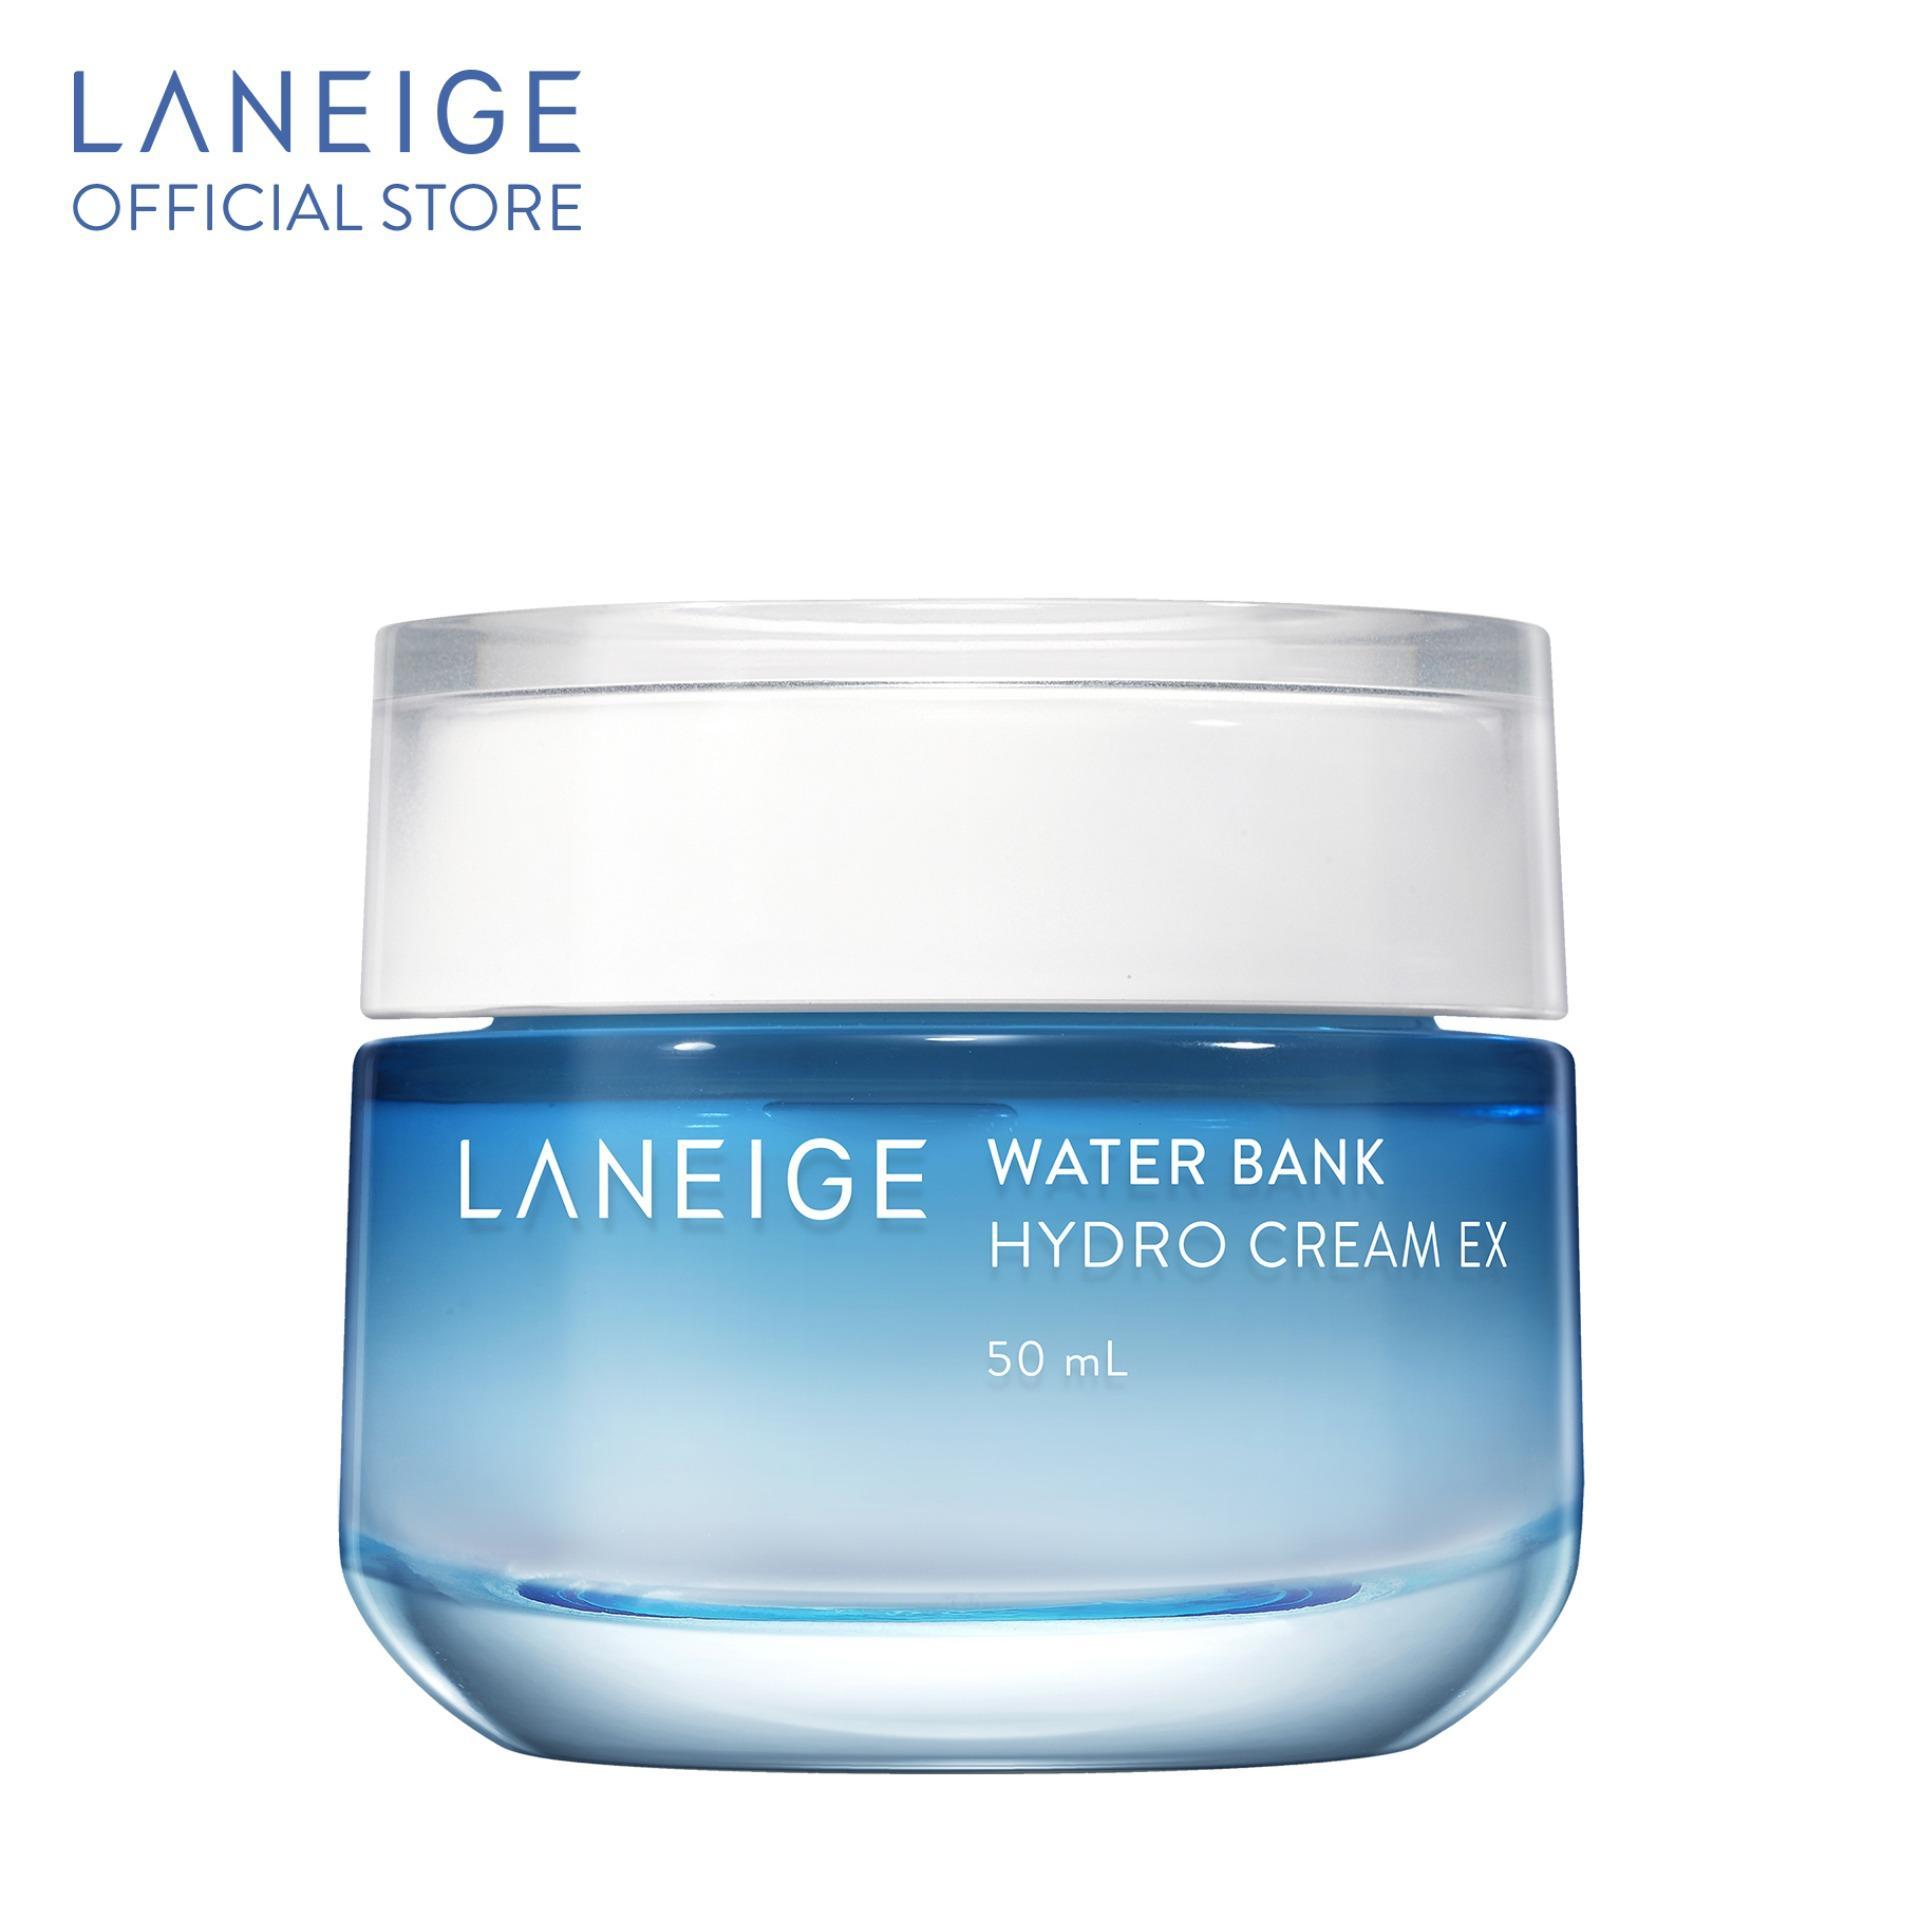 Kem dưỡng ẩm cho da dầu Laneige Water Bank Hydro Cream Ex 50ML